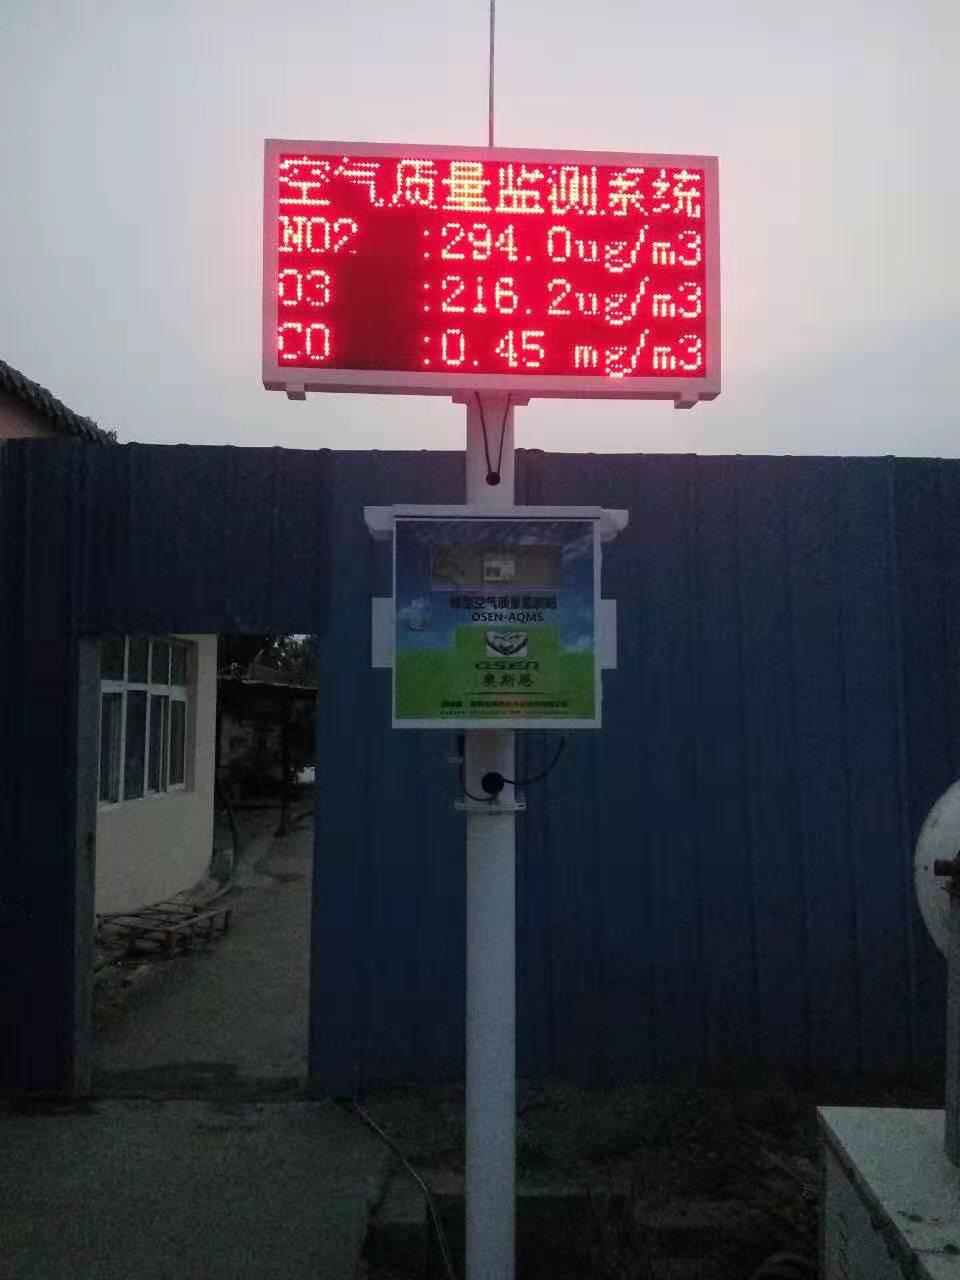 露天货场扬尘数据采集仪价格_湖南省-深圳奥斯恩环境技术有限公司